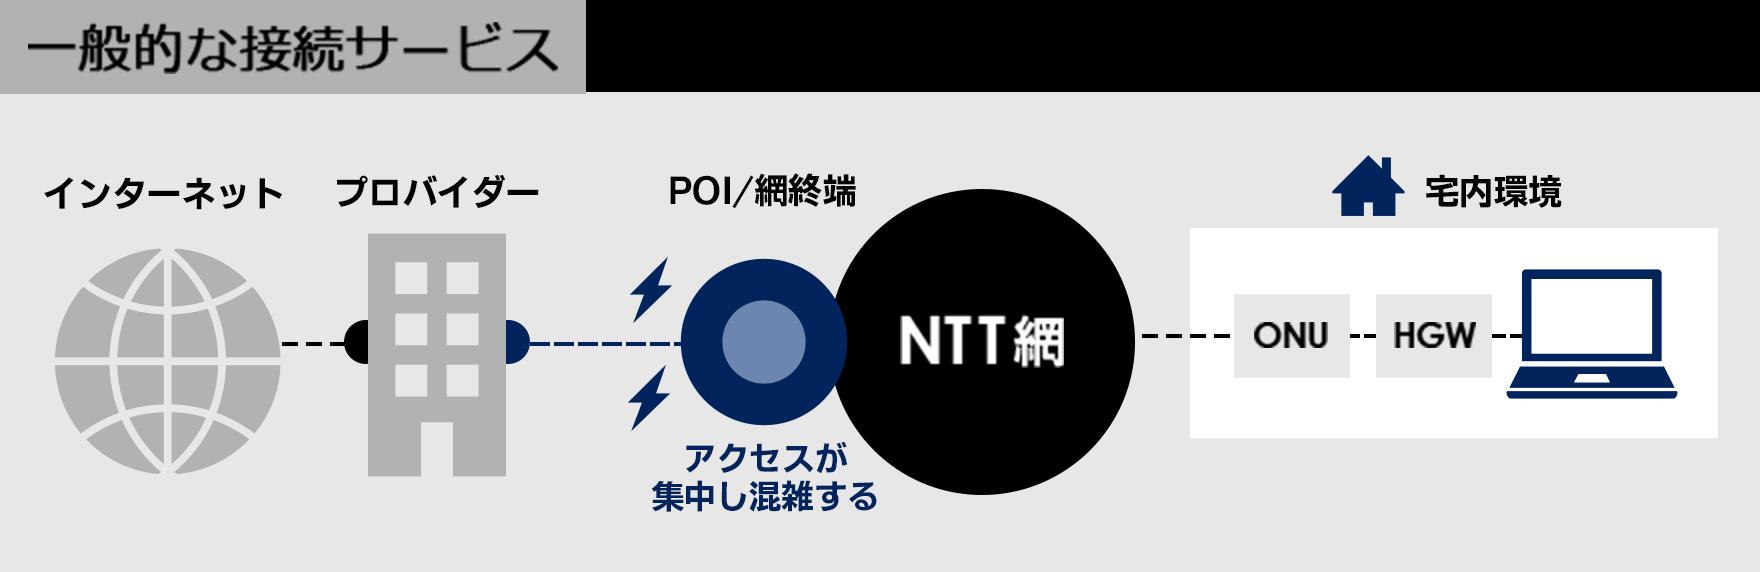 ipv4-osoi